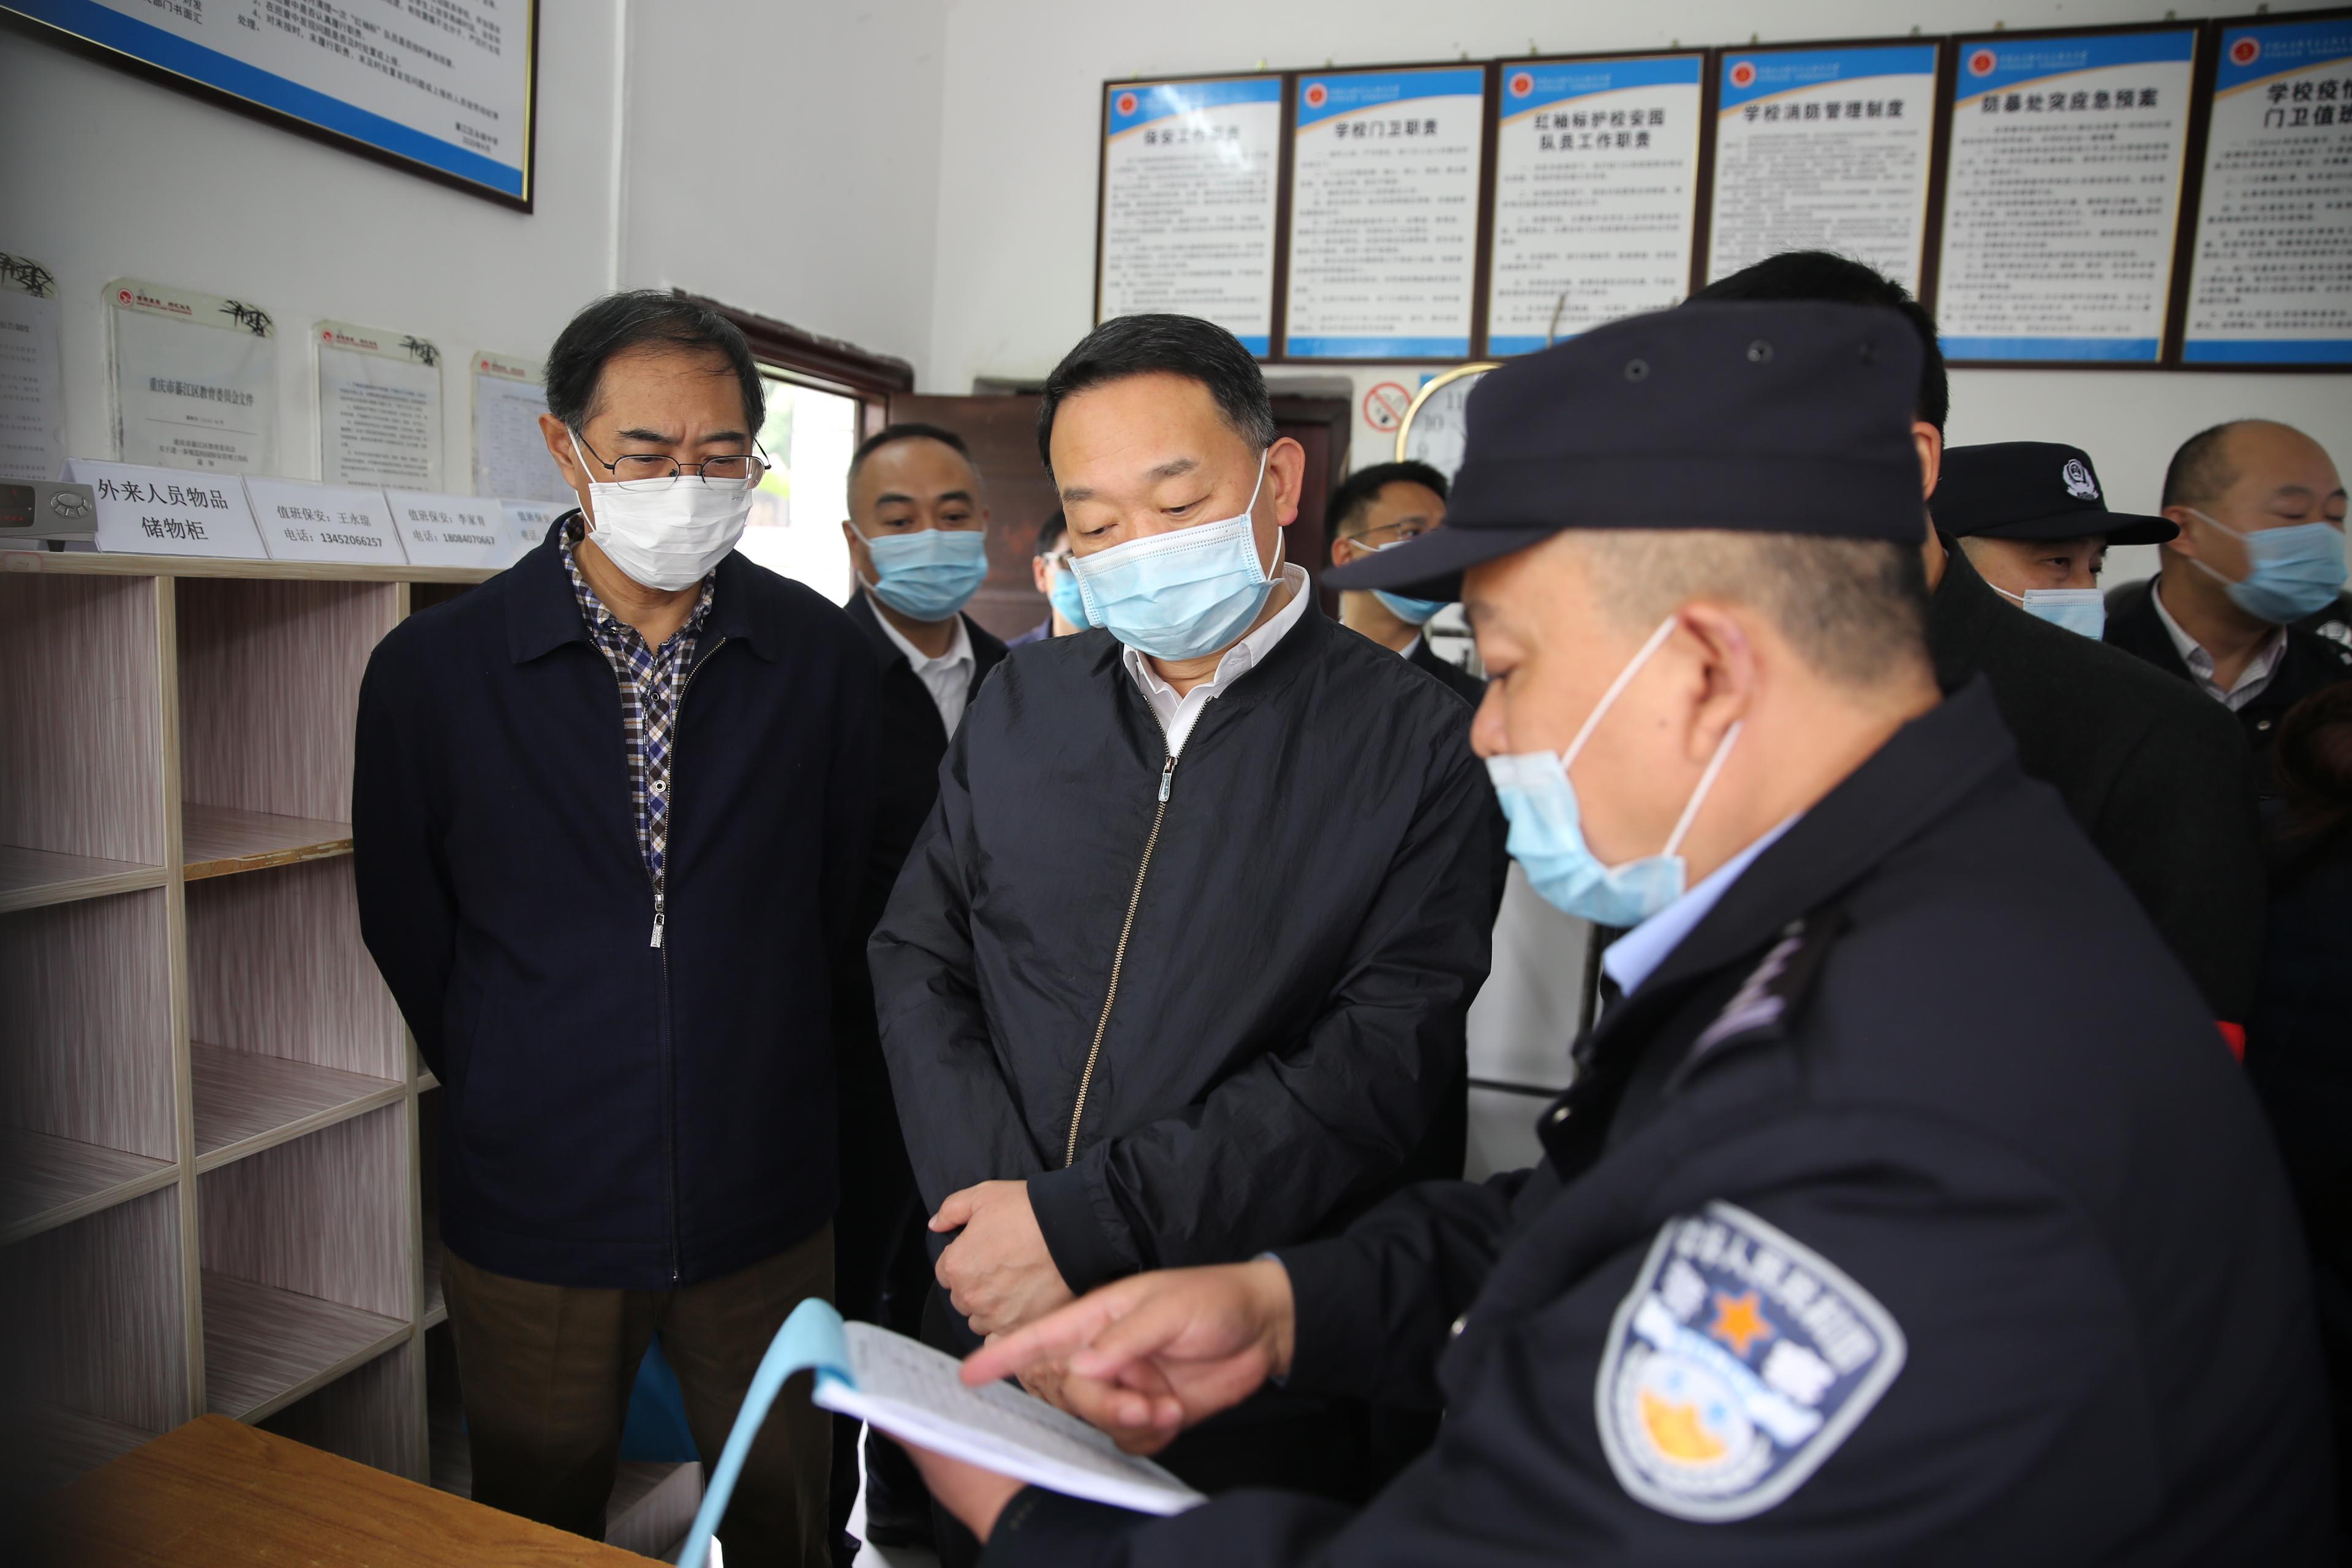 公安部、教育部联合检查组到重庆督检校园安全工作